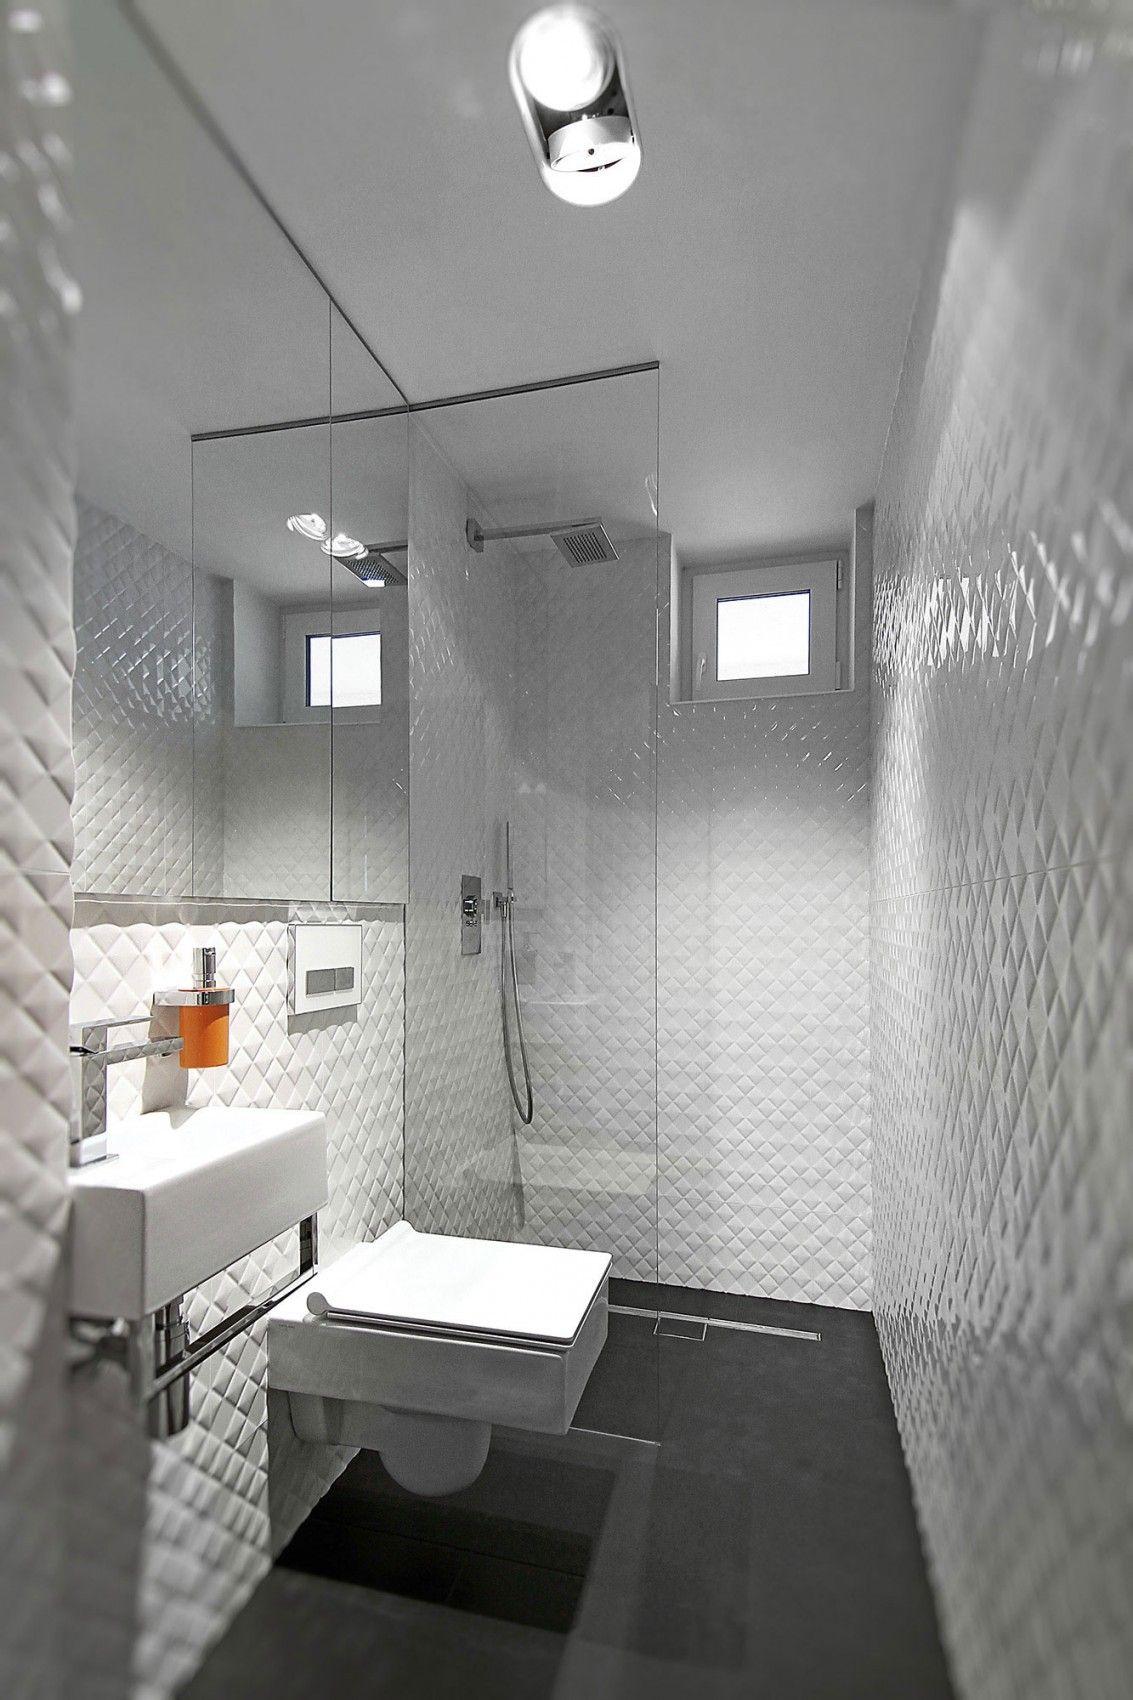 Rozany potok house interiors by neostudio architekci 11